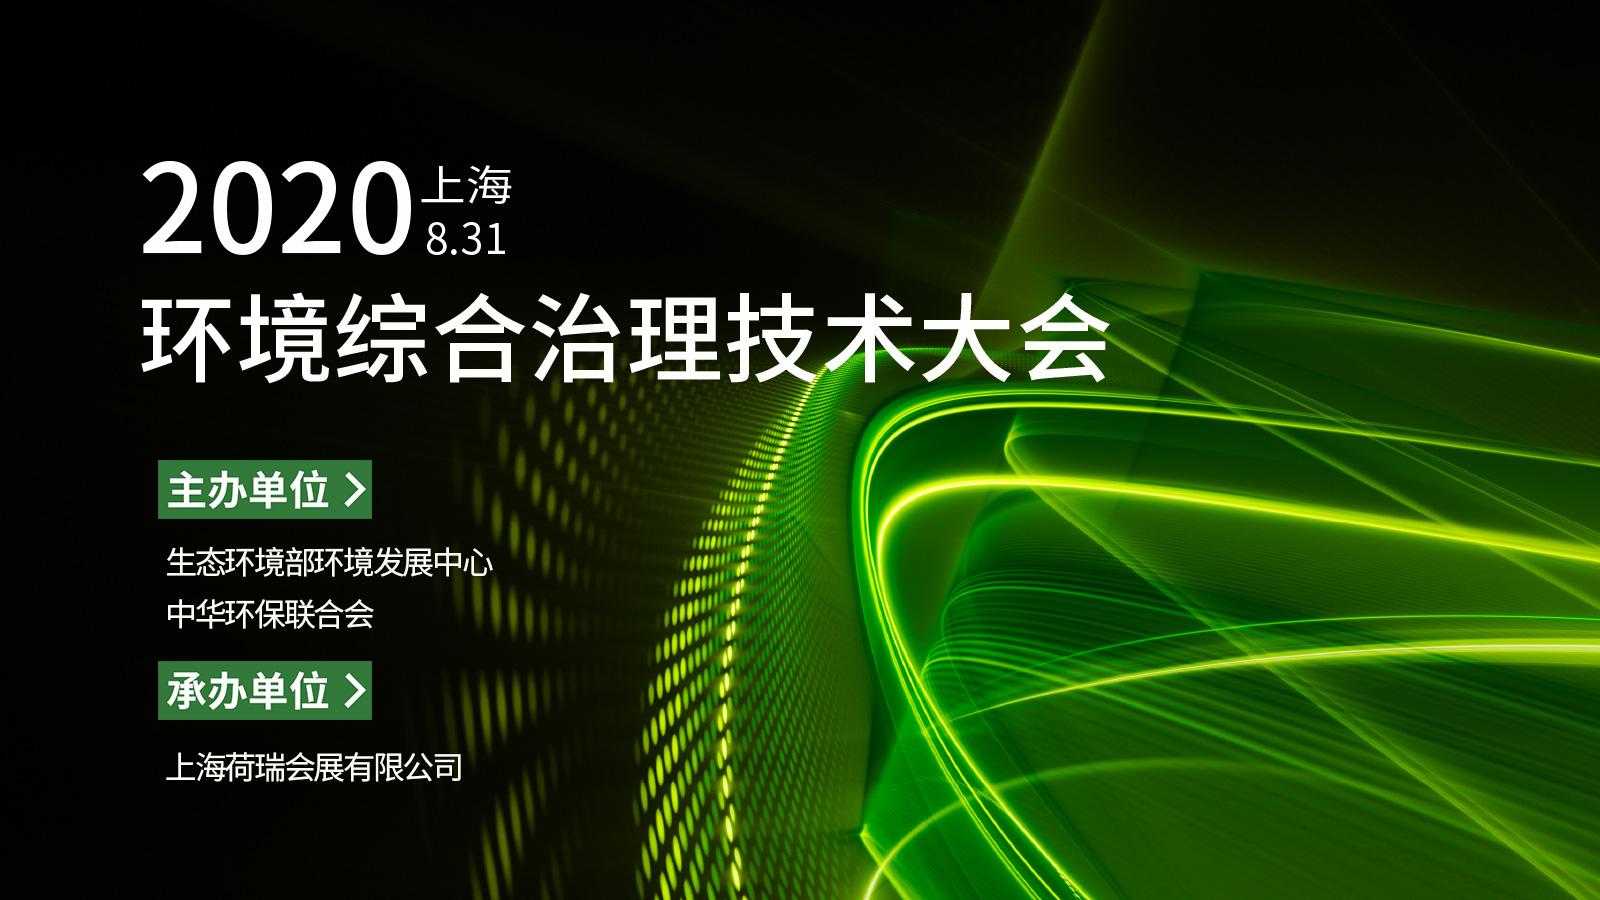 2020環境綜合治理技術大會